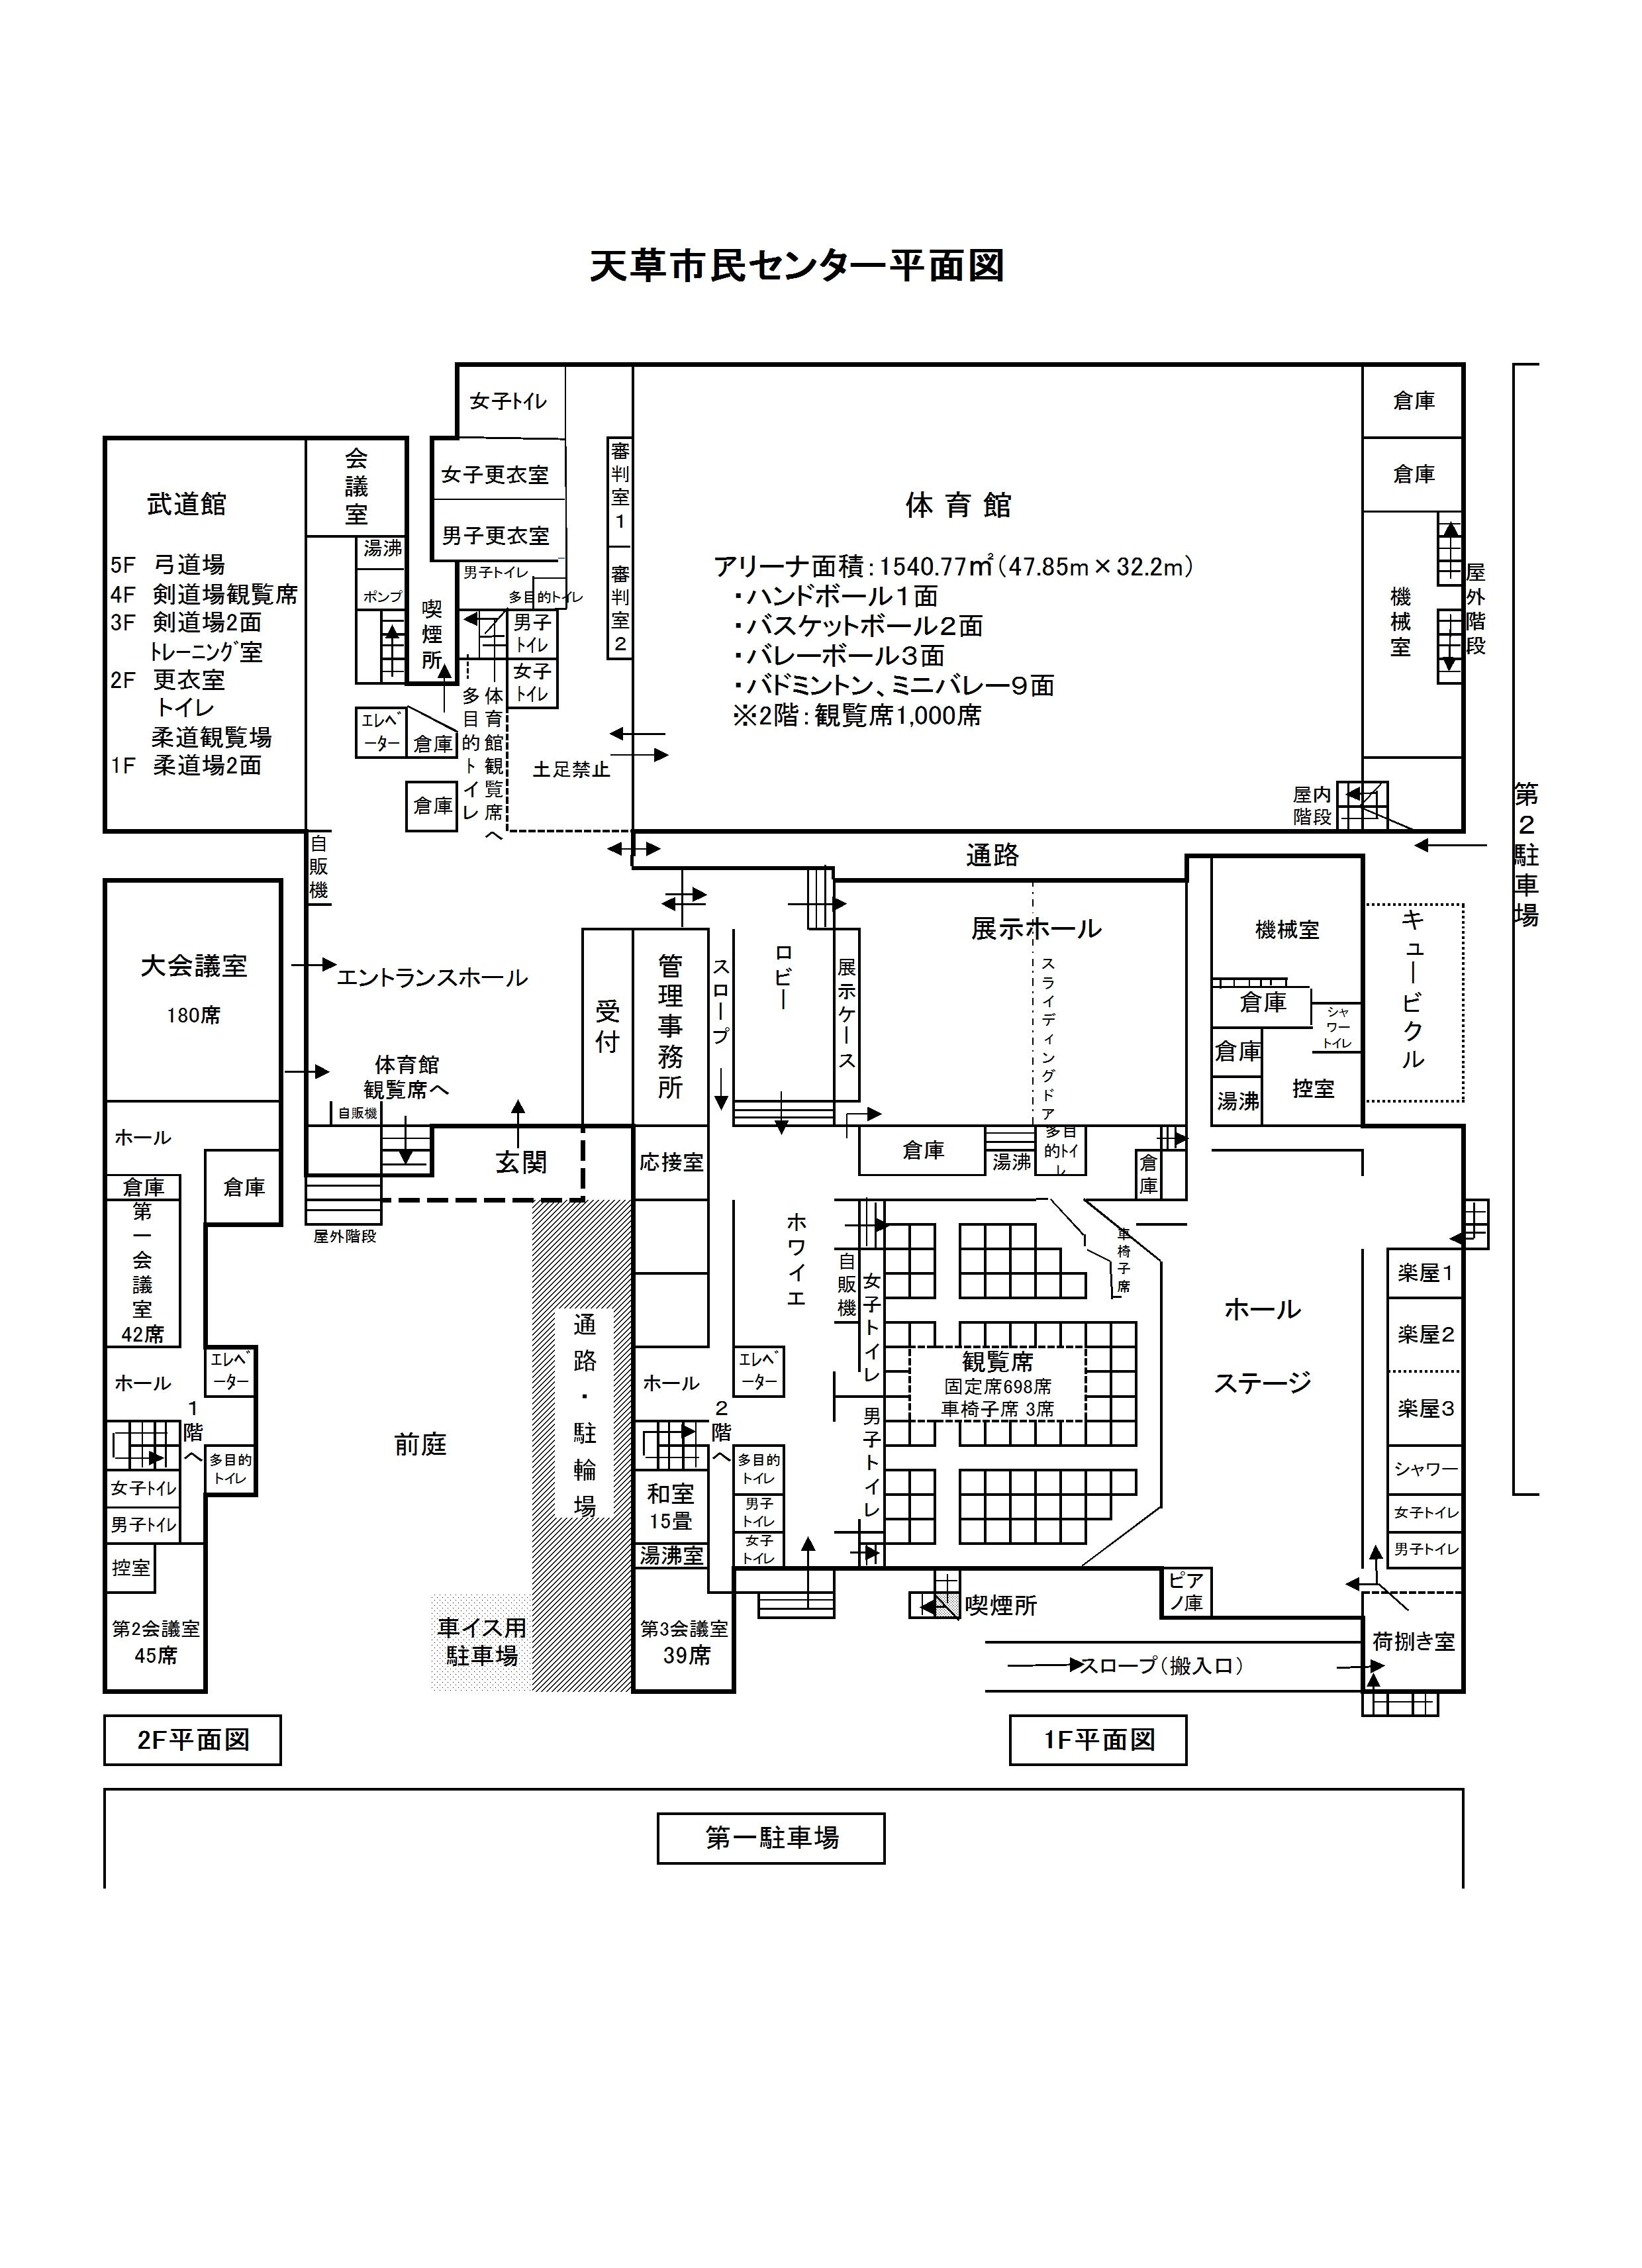 天草市民センター画像2: 天草市民センター平面図